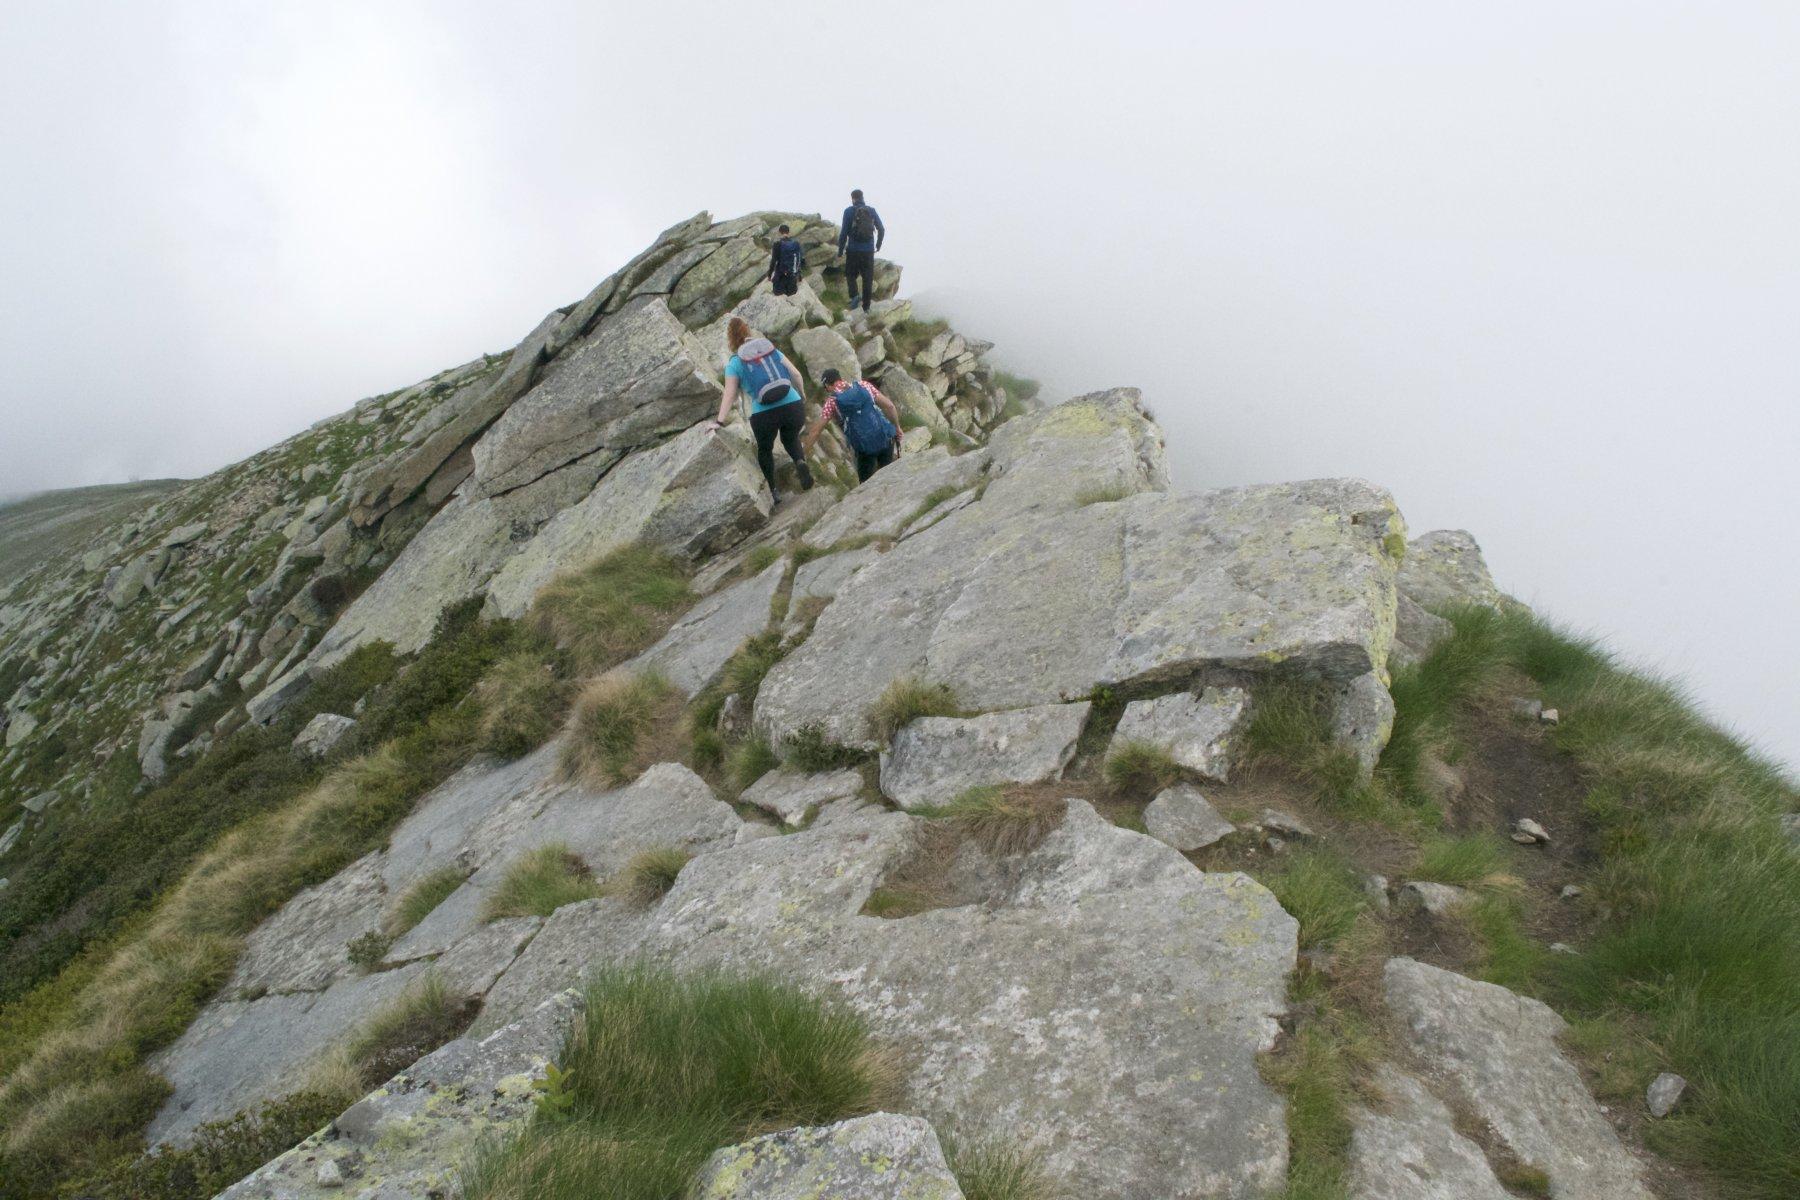 La crestina rocciosa scendendo